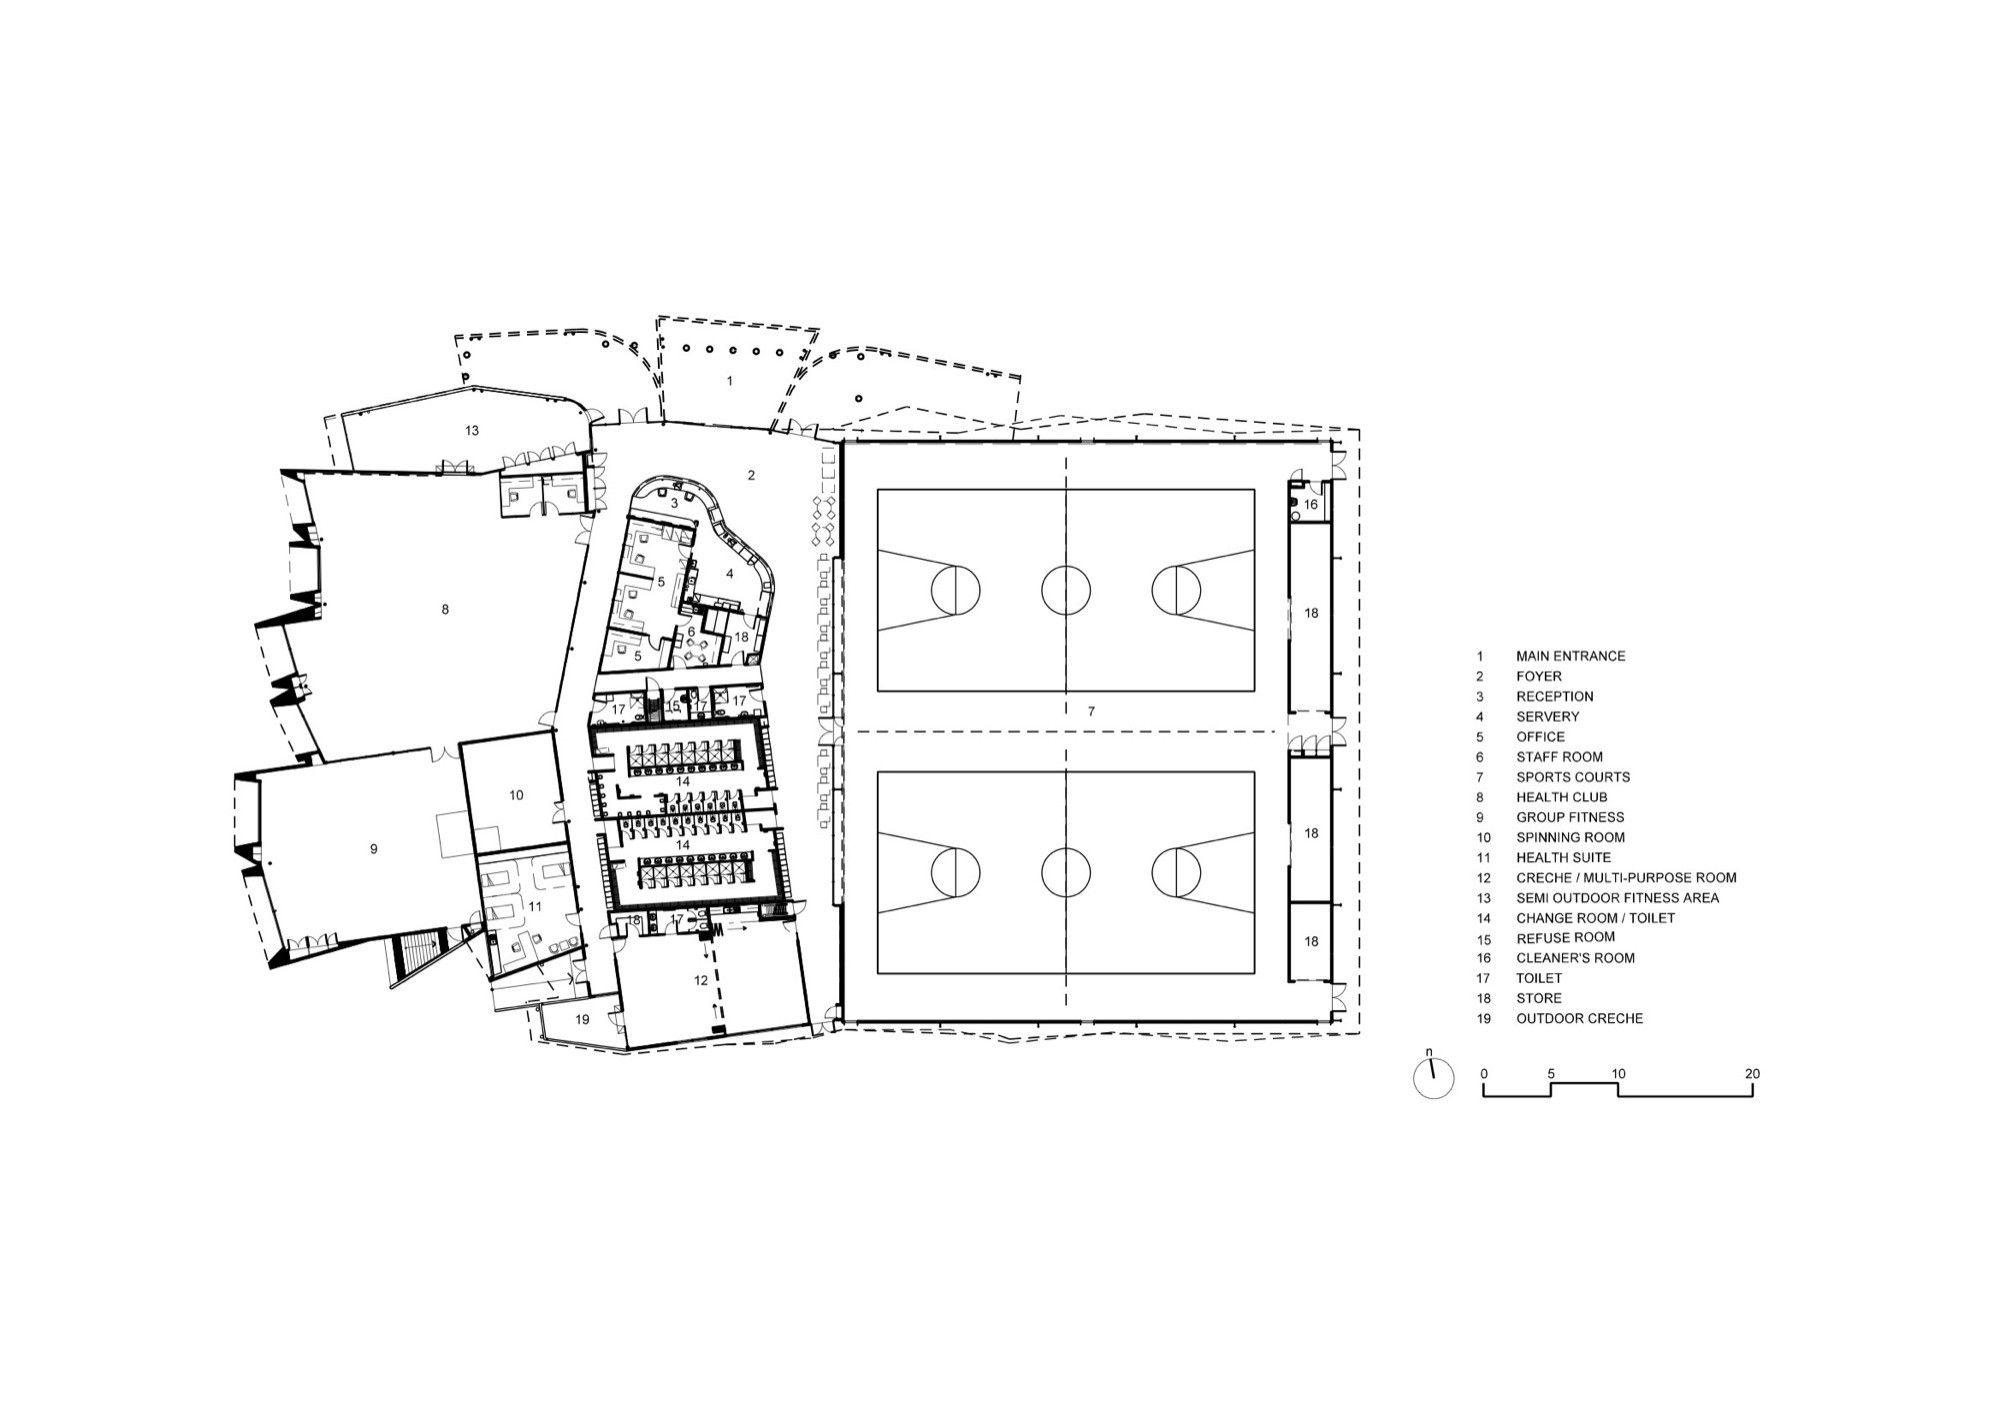 Gallery of Morris Iemma Indoor Sports Center / McPhee